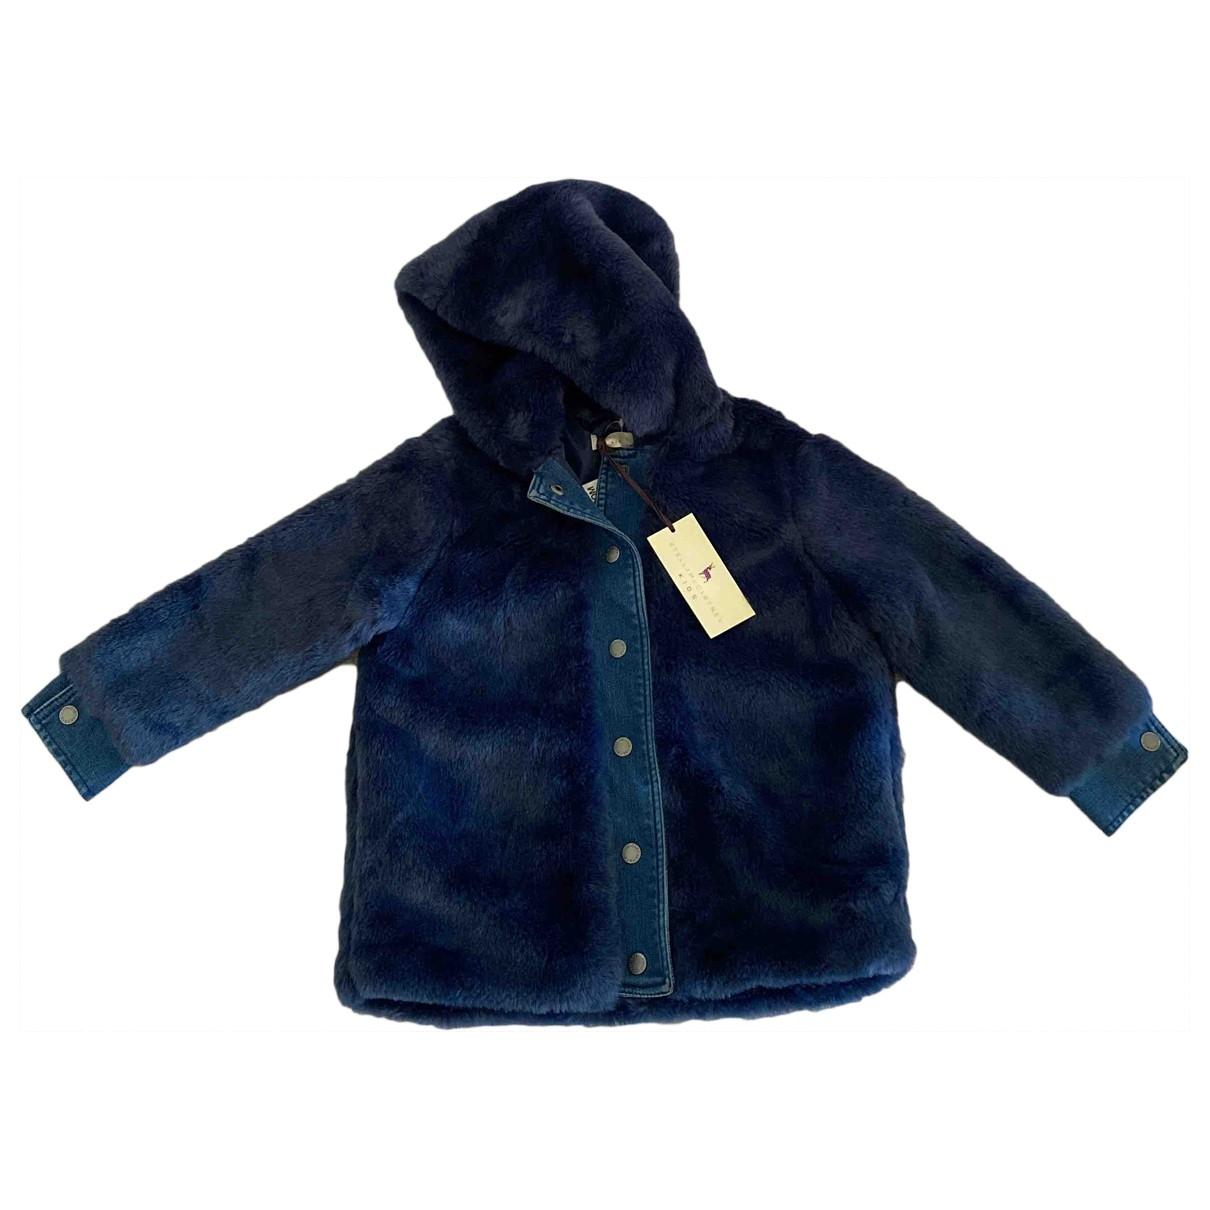 Stella Mccartney - Blousons.Manteaux   pour enfant en fourrure synthetique - bleu